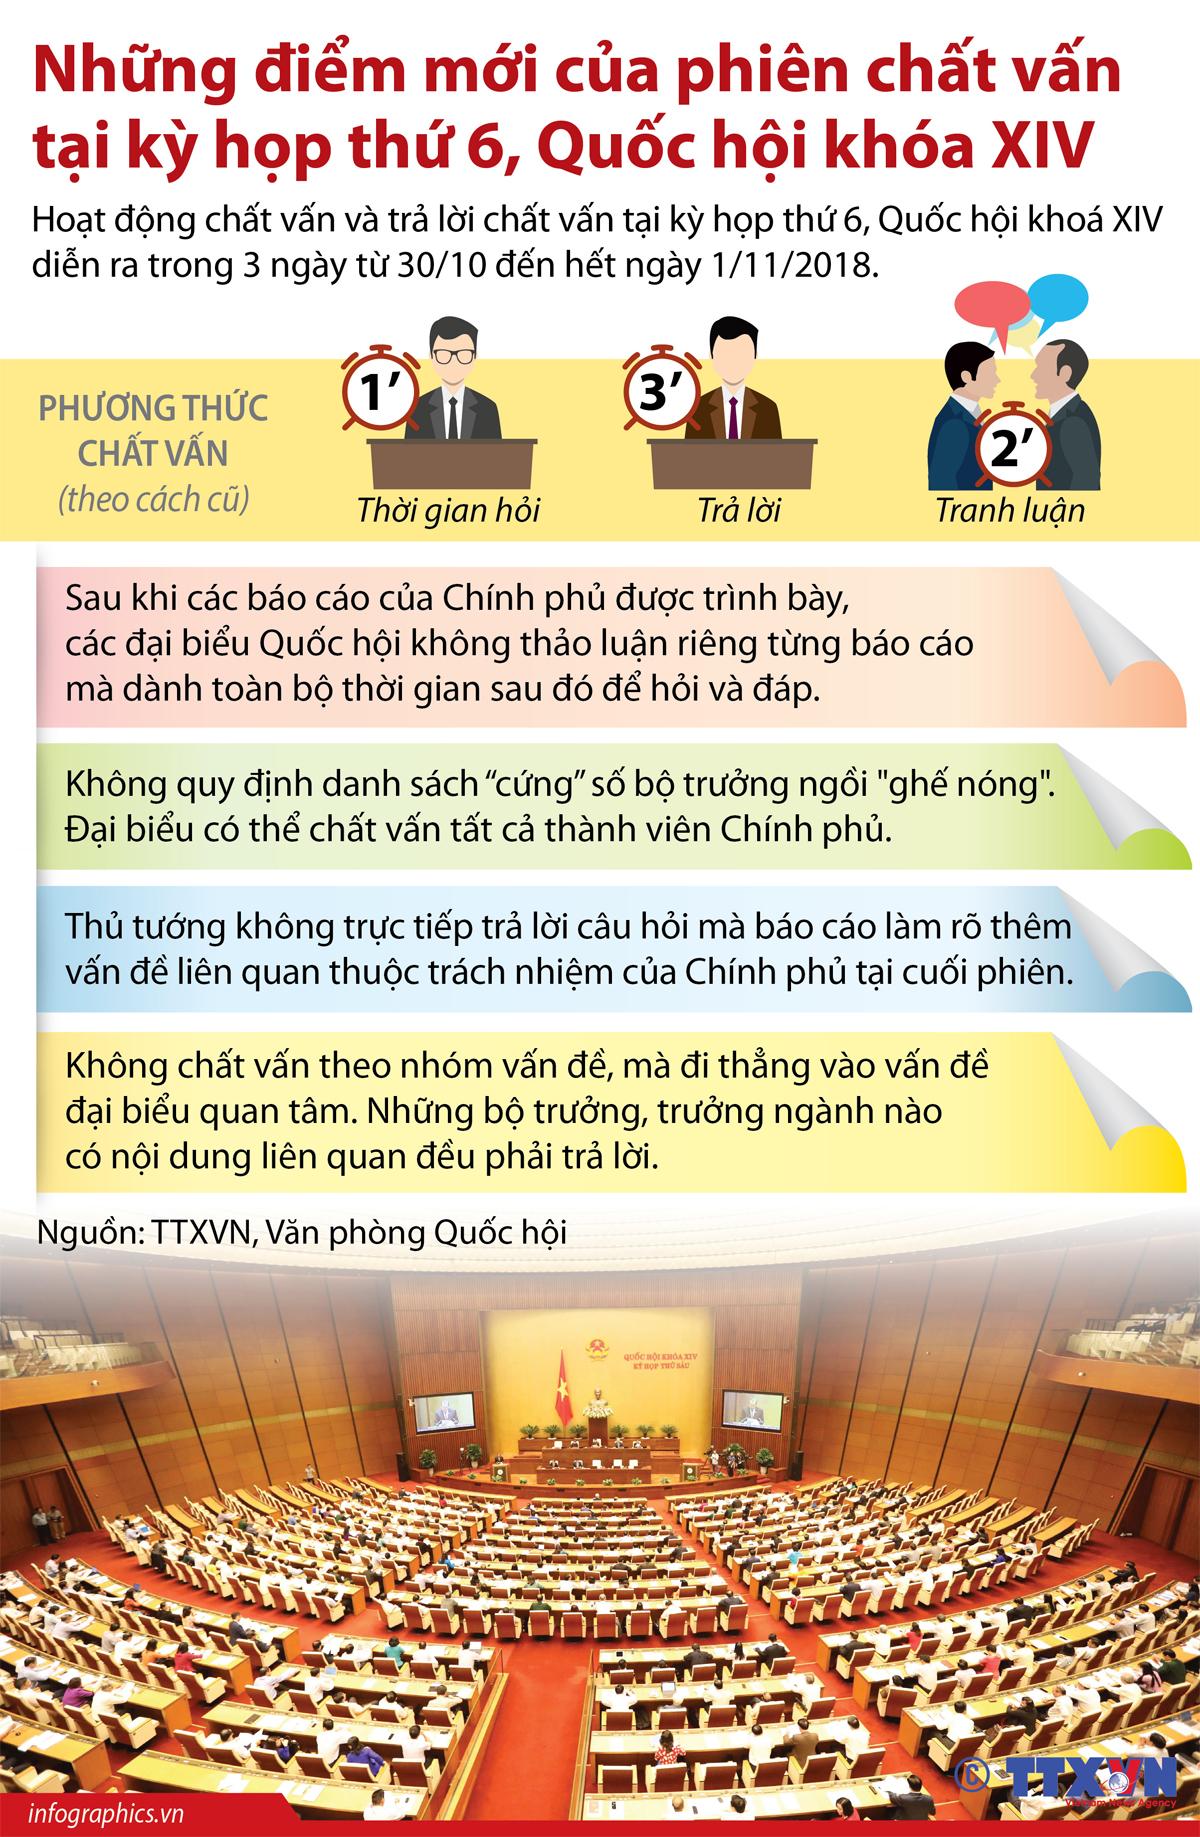 chính trị - ngoại giao, chất vấn, kỳ họp thứ 6, quốc hội khóa xiv